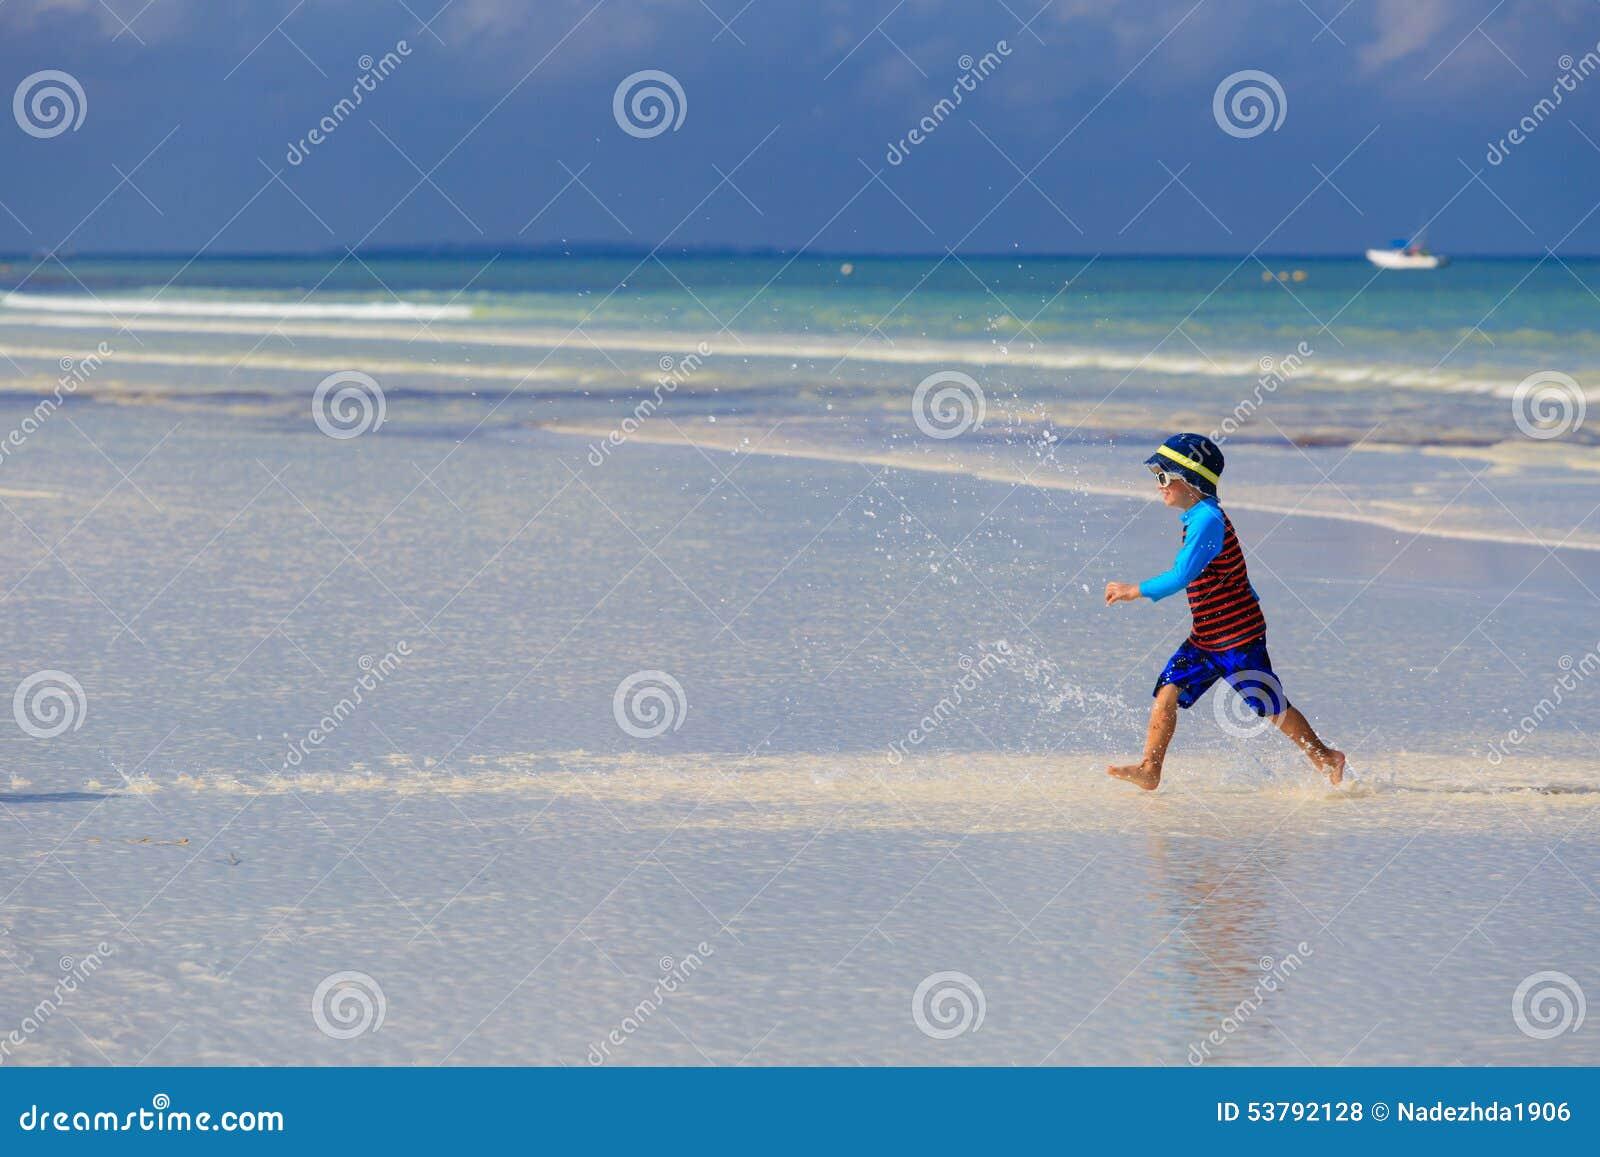 Szczęśliwy chłopiec bieg na lato plaży